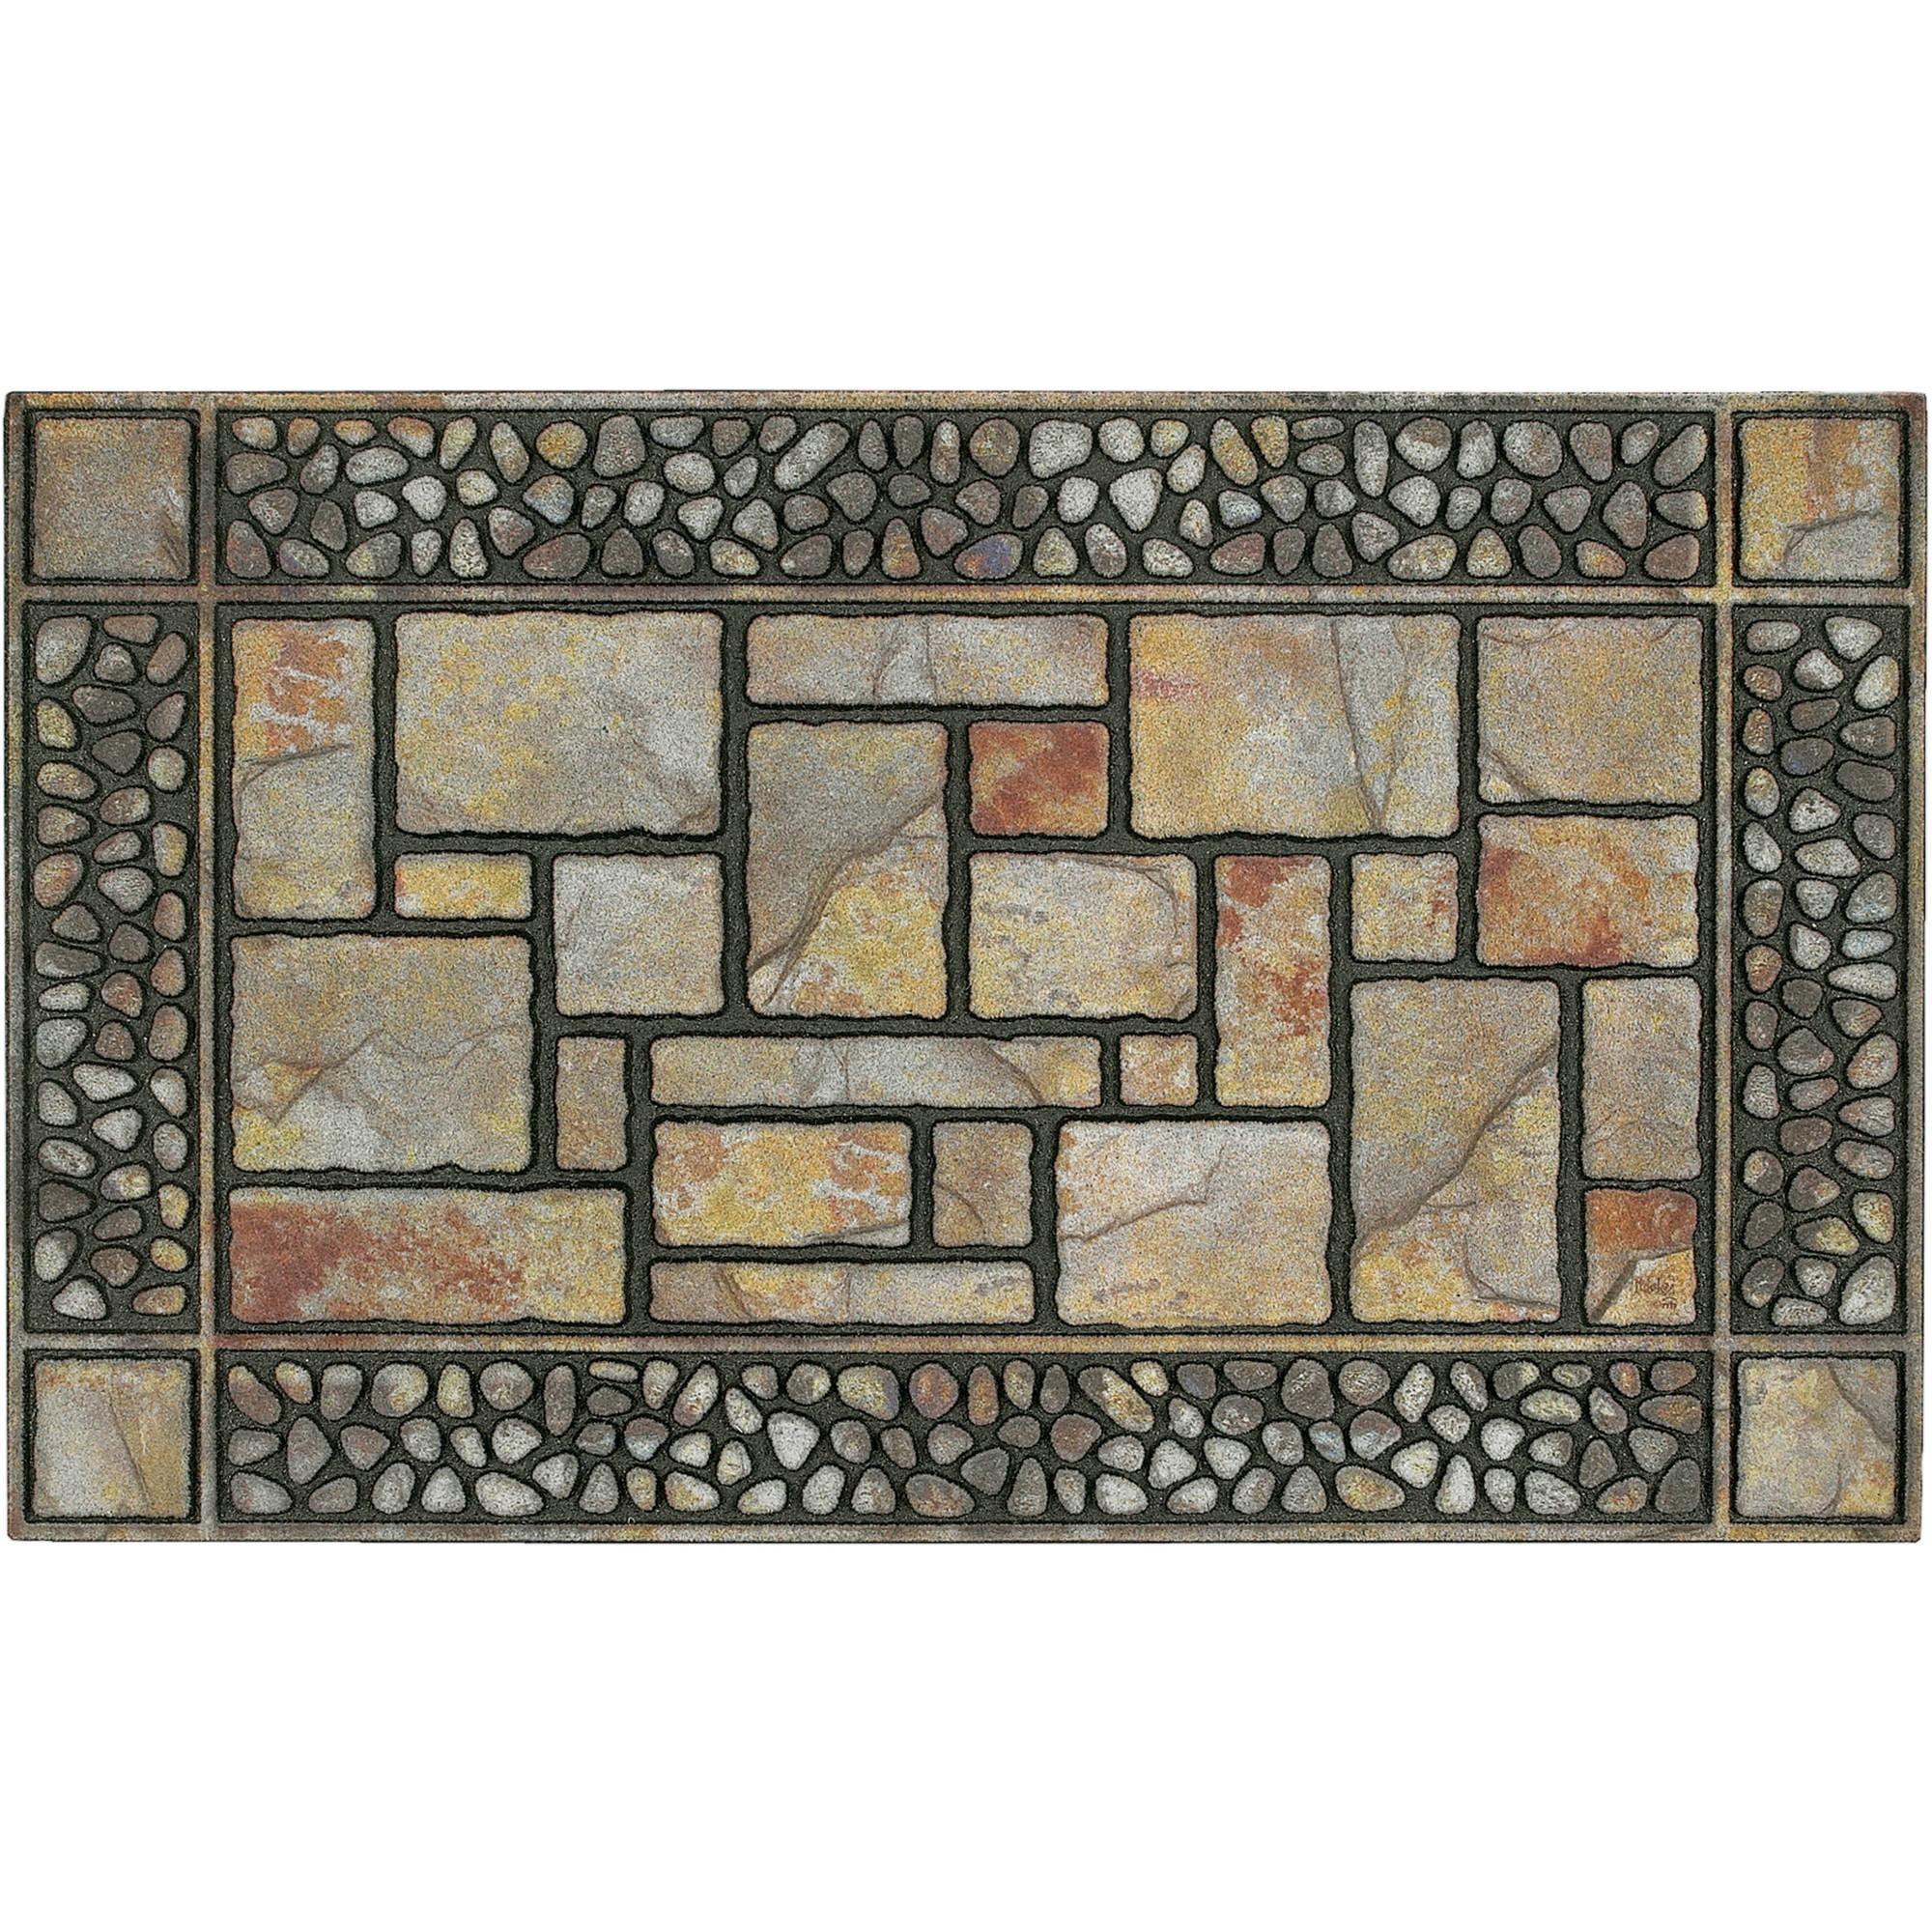 Mohawk Home Doorscapes Patio Stones Mat Walmartcom